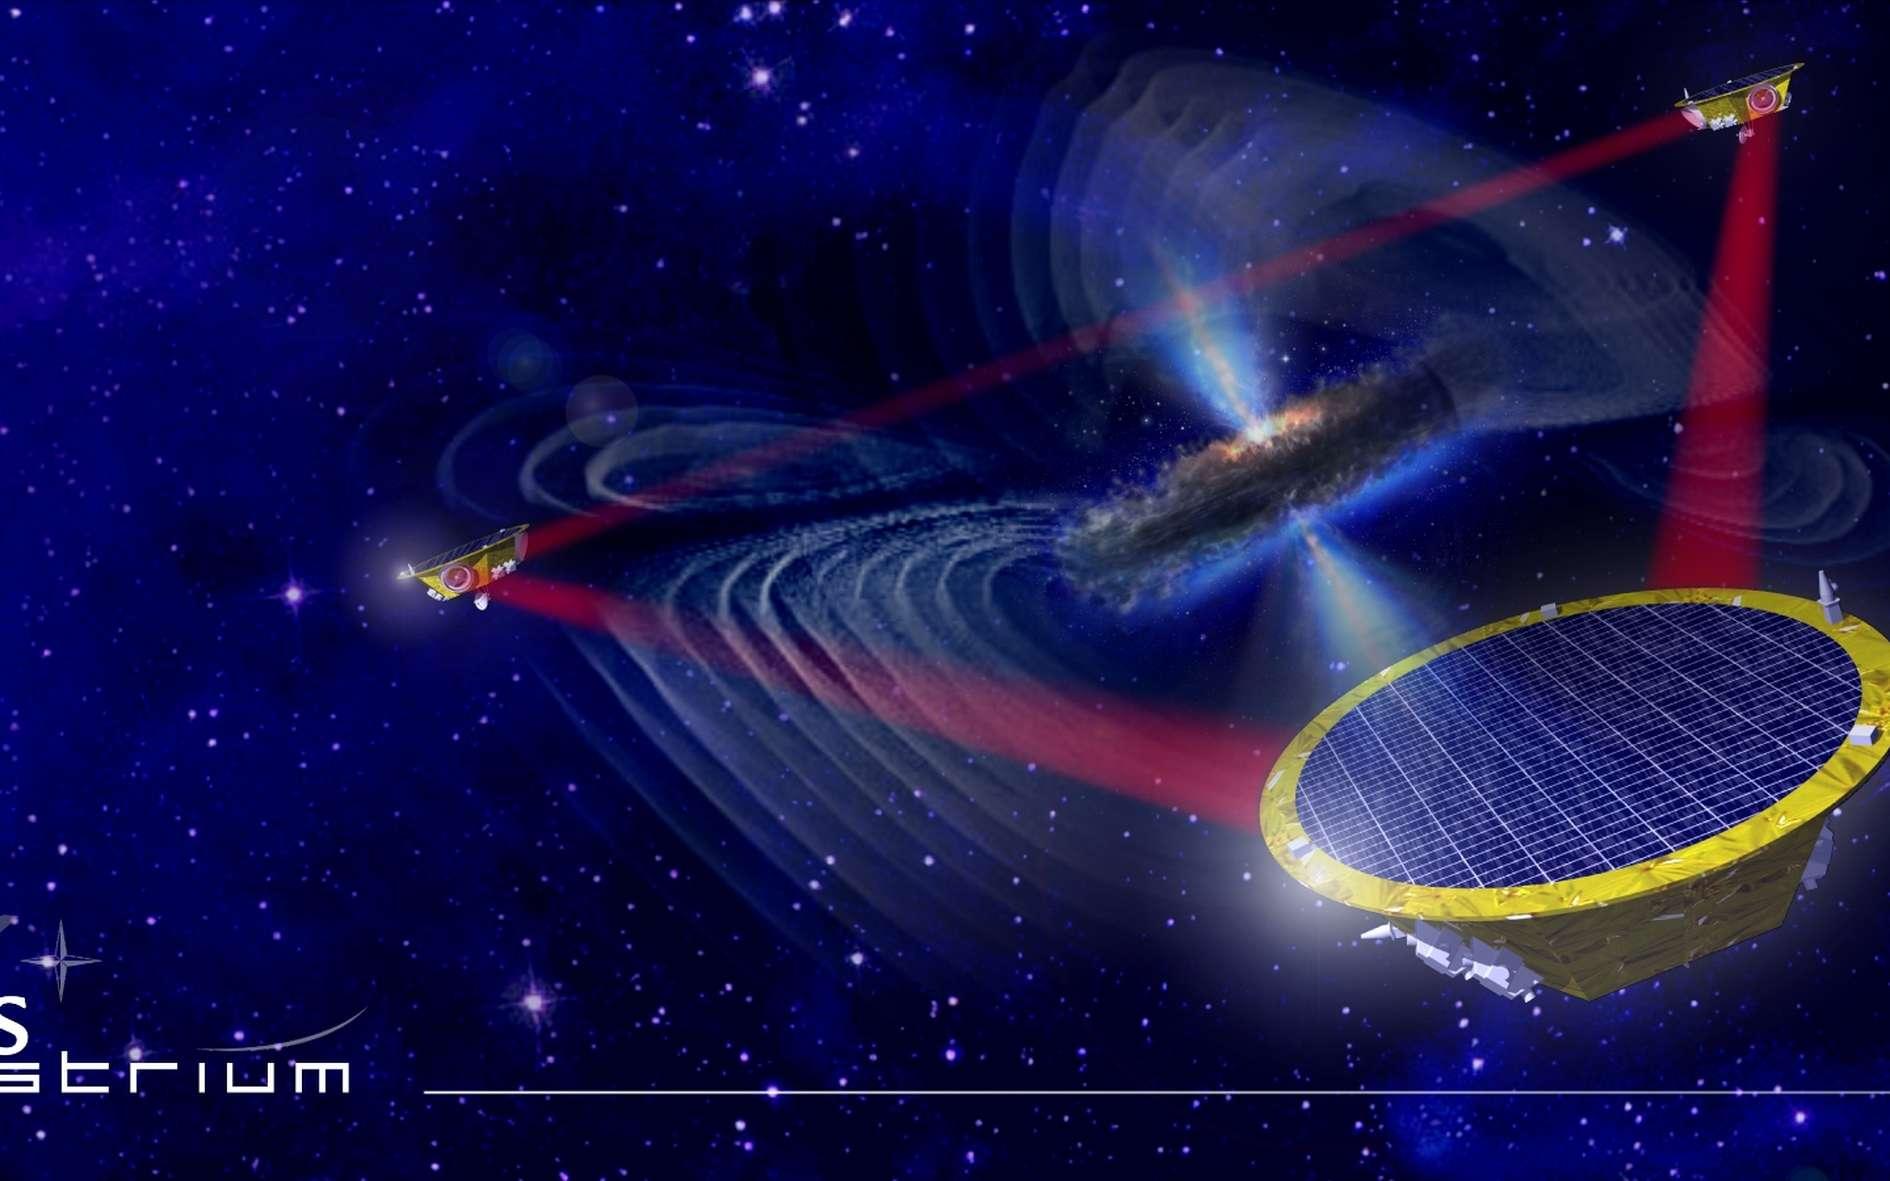 Lorsque deux trous noirs massifs entrent en collision puis fusionnent, l'événement fait vibrer l'horizon du trou noir à la façon d'une membrane avec ces modes. Pour retourner à son état d'équilibre le trou noir rayonne alors sous forme d'ondes gravitationnelles avec des fréquences très basses. La mission eLisa, que l'on voit ici avec ses trois satellites connectés par des rayons laser, devrait pouvoir observer et mesurer ce phénomène à partir de 2034. © EADS, Astrium